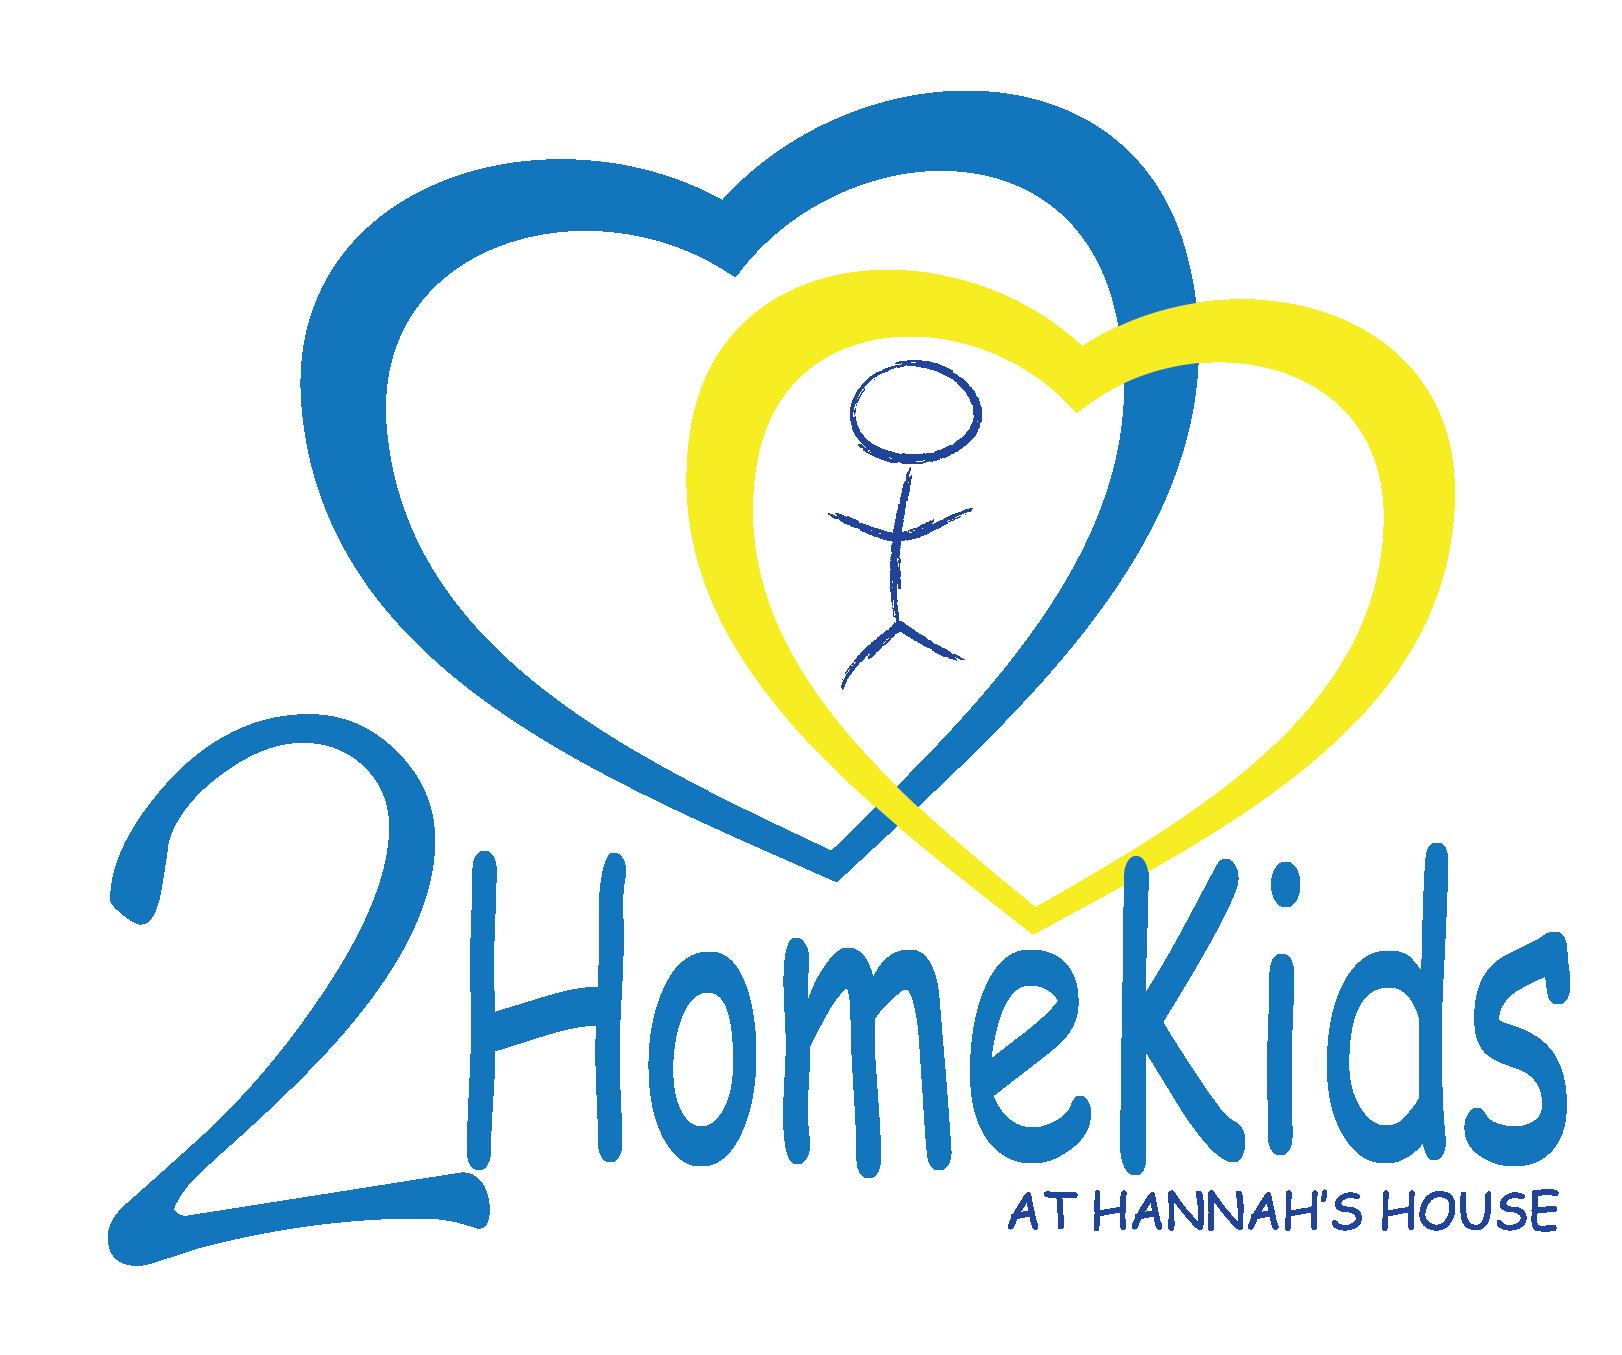 2HomeKids.org_Logo-01.png